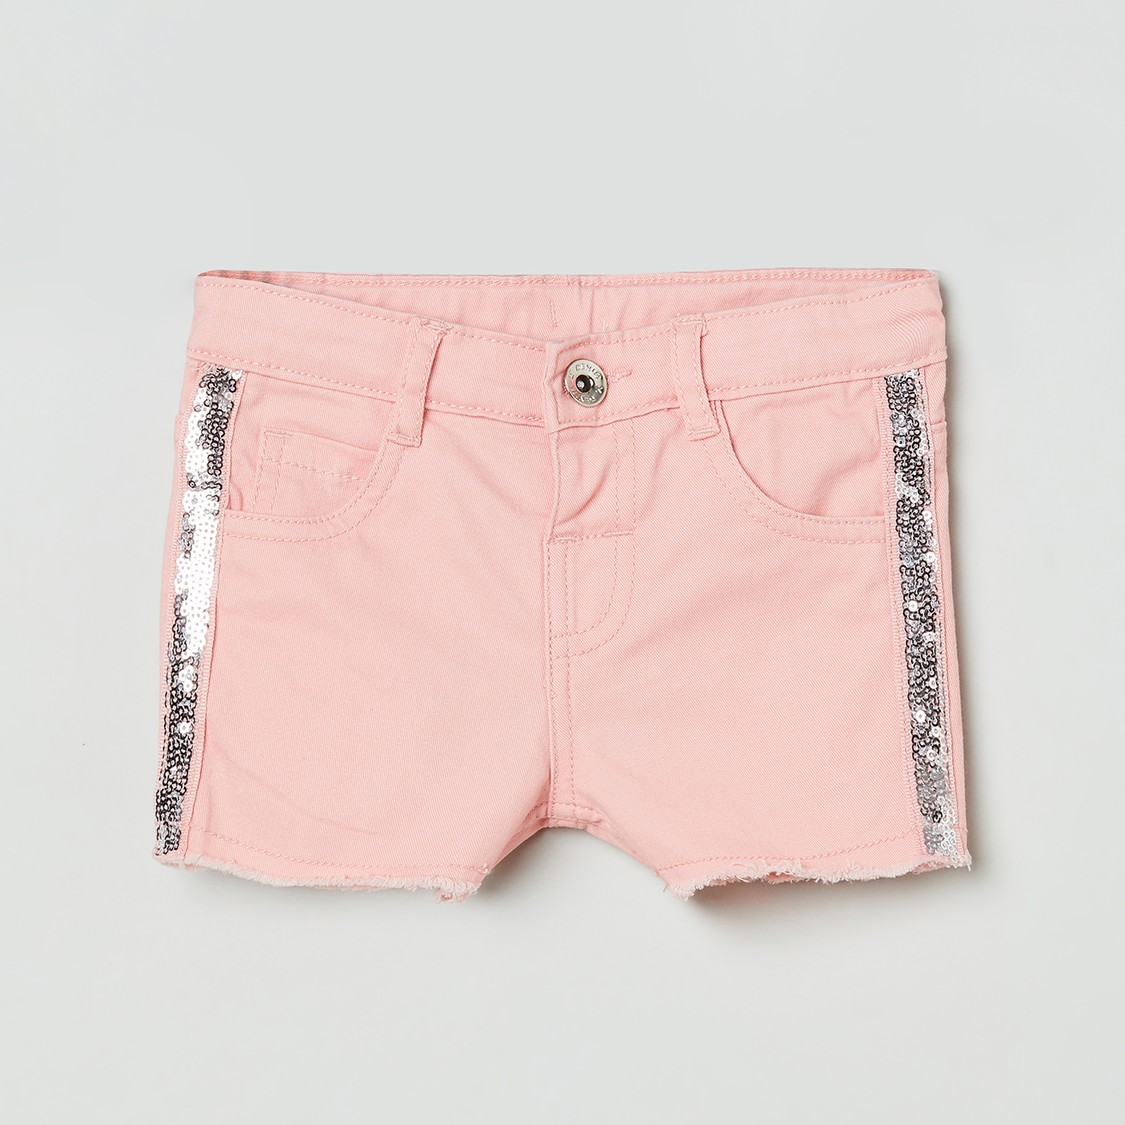 MAX Denim Sequinn Detail Shorts